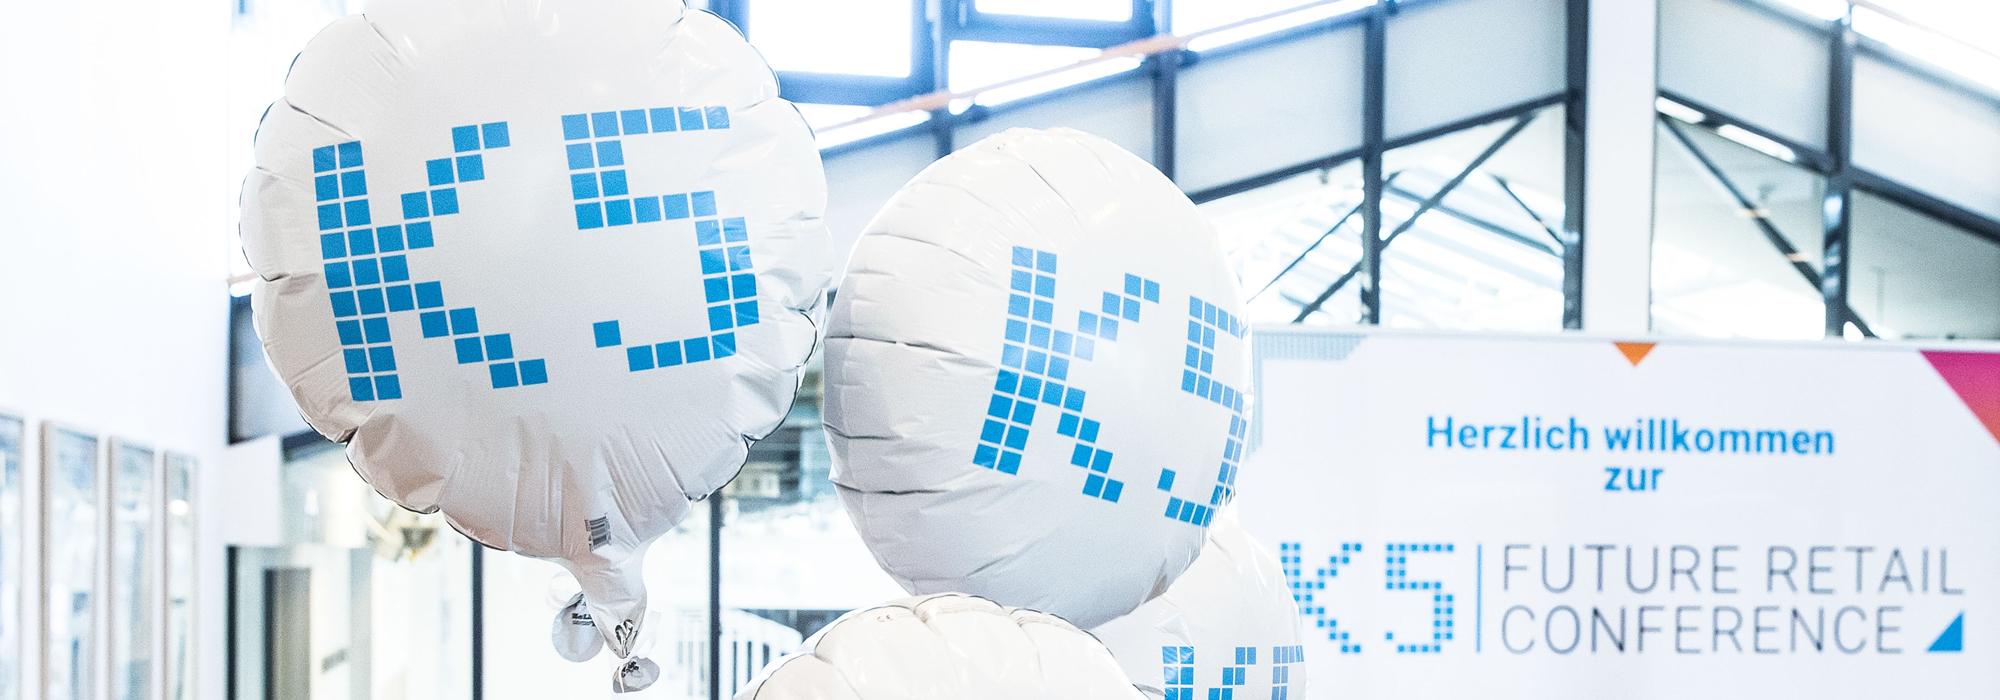 Ballons am Eingang der K5 Konferenz